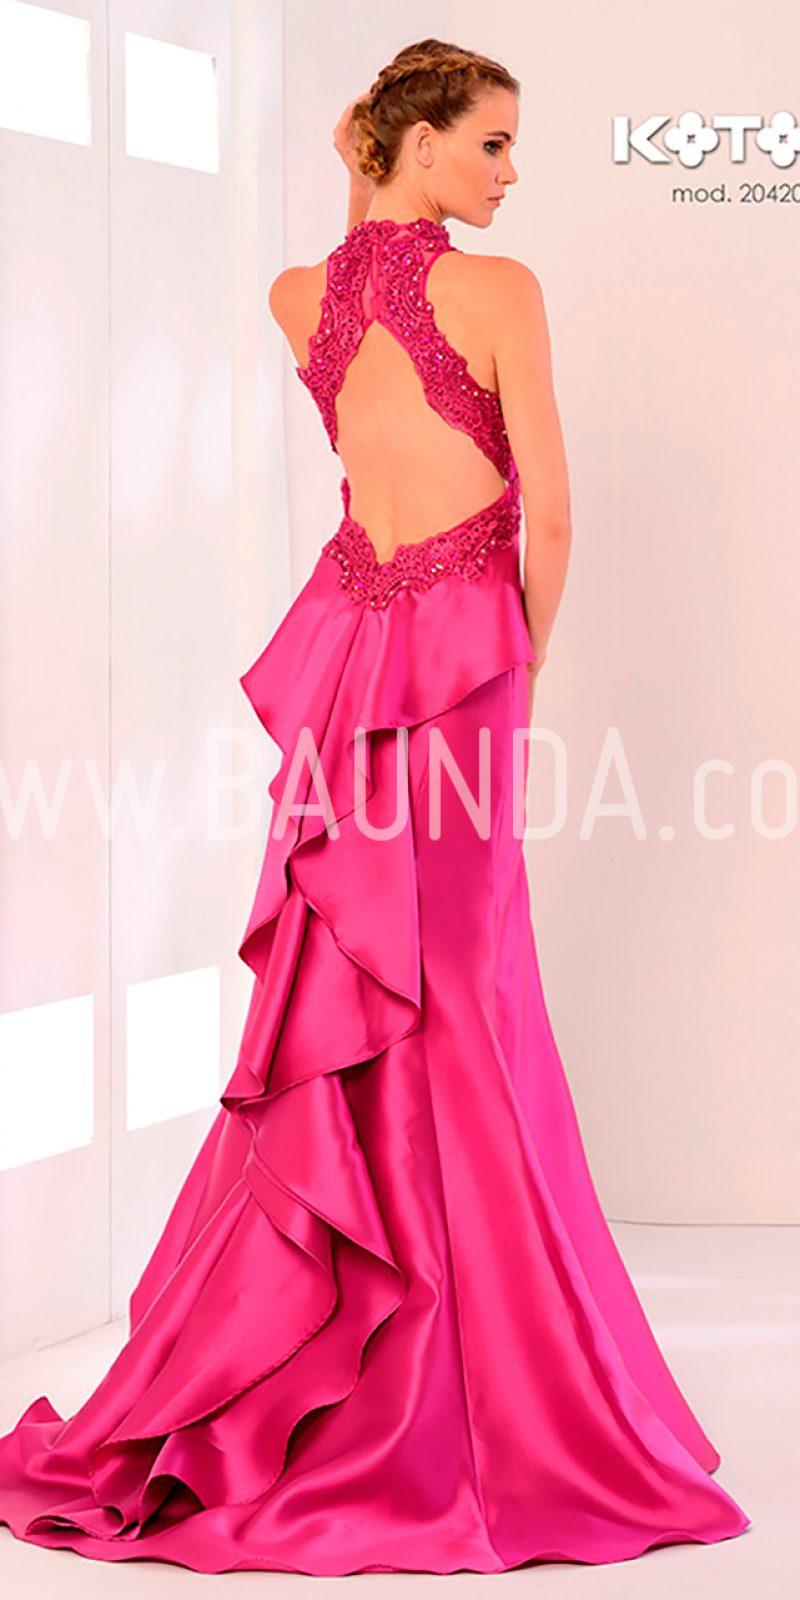 Vistoso Vestidos De Novia Lulu Motivo - Colección de Vestidos de ...